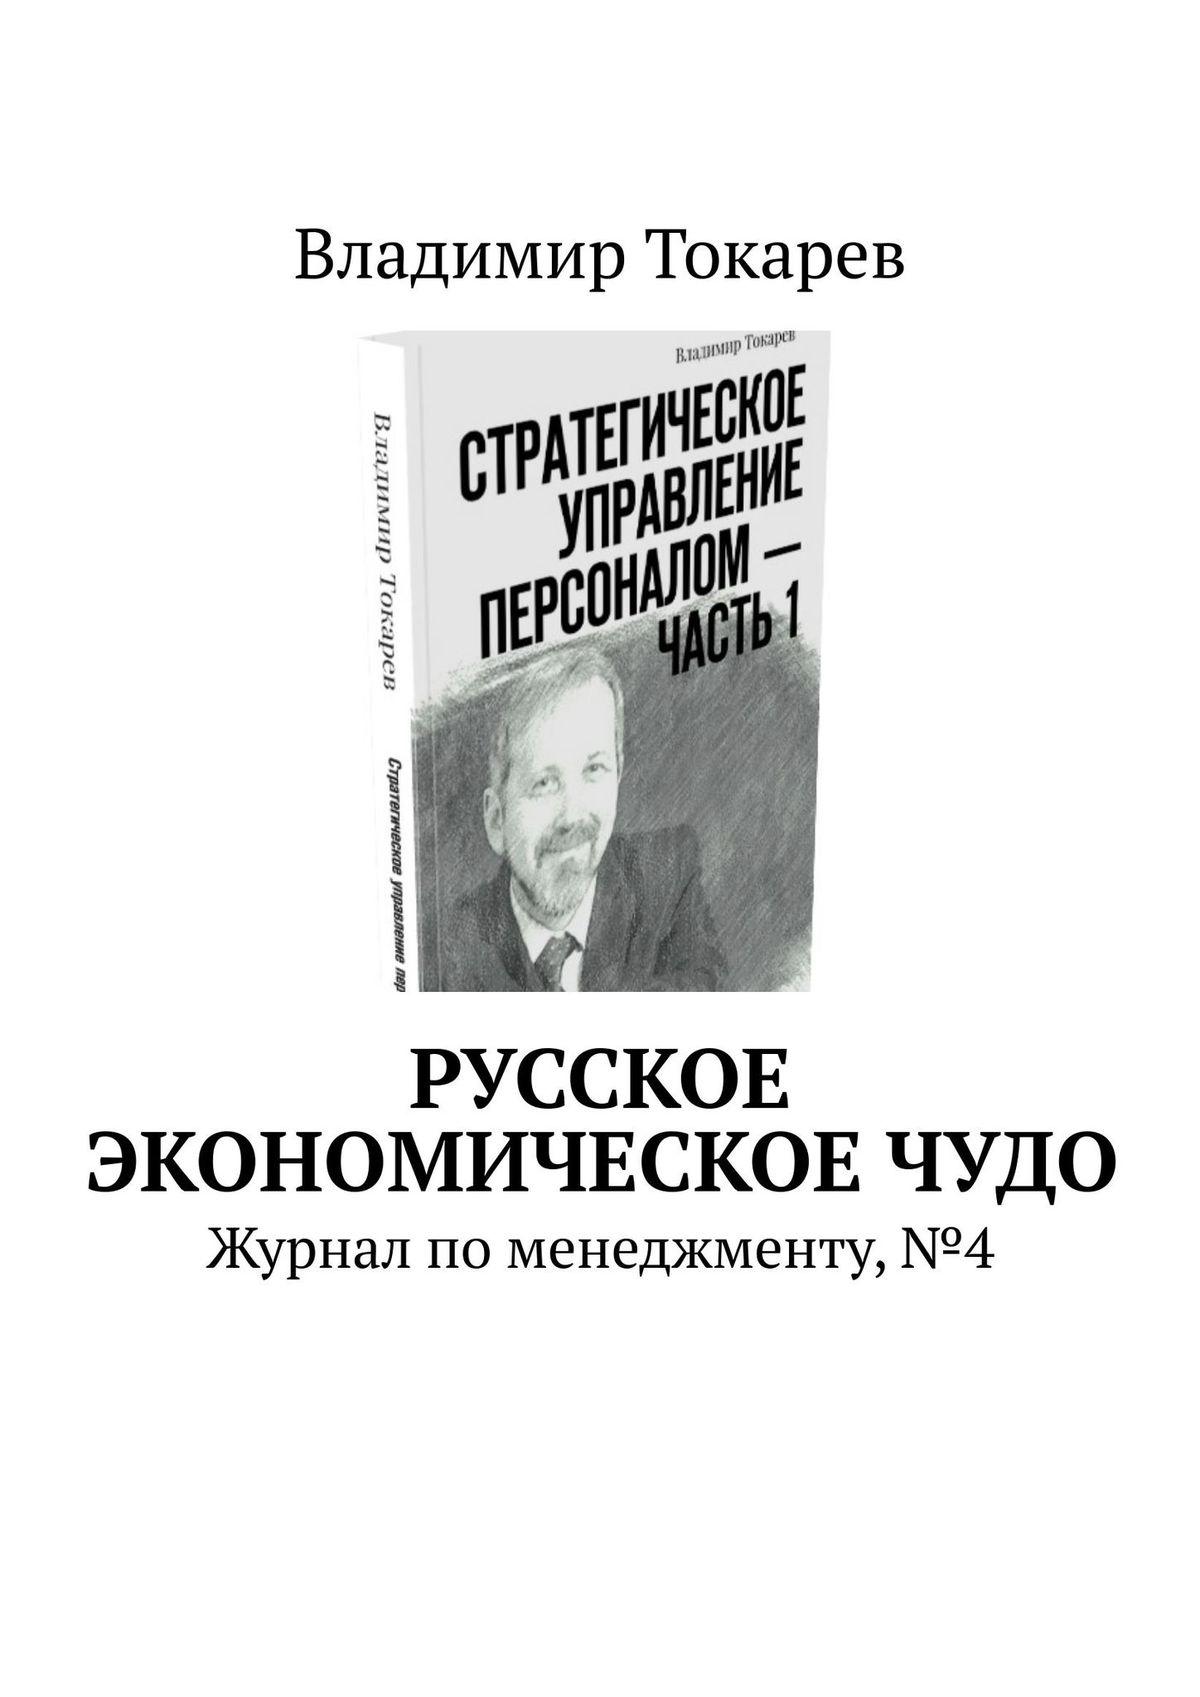 Владимир Токарев Русское экономическоечудо. Журнал по менеджменту, №4 цены